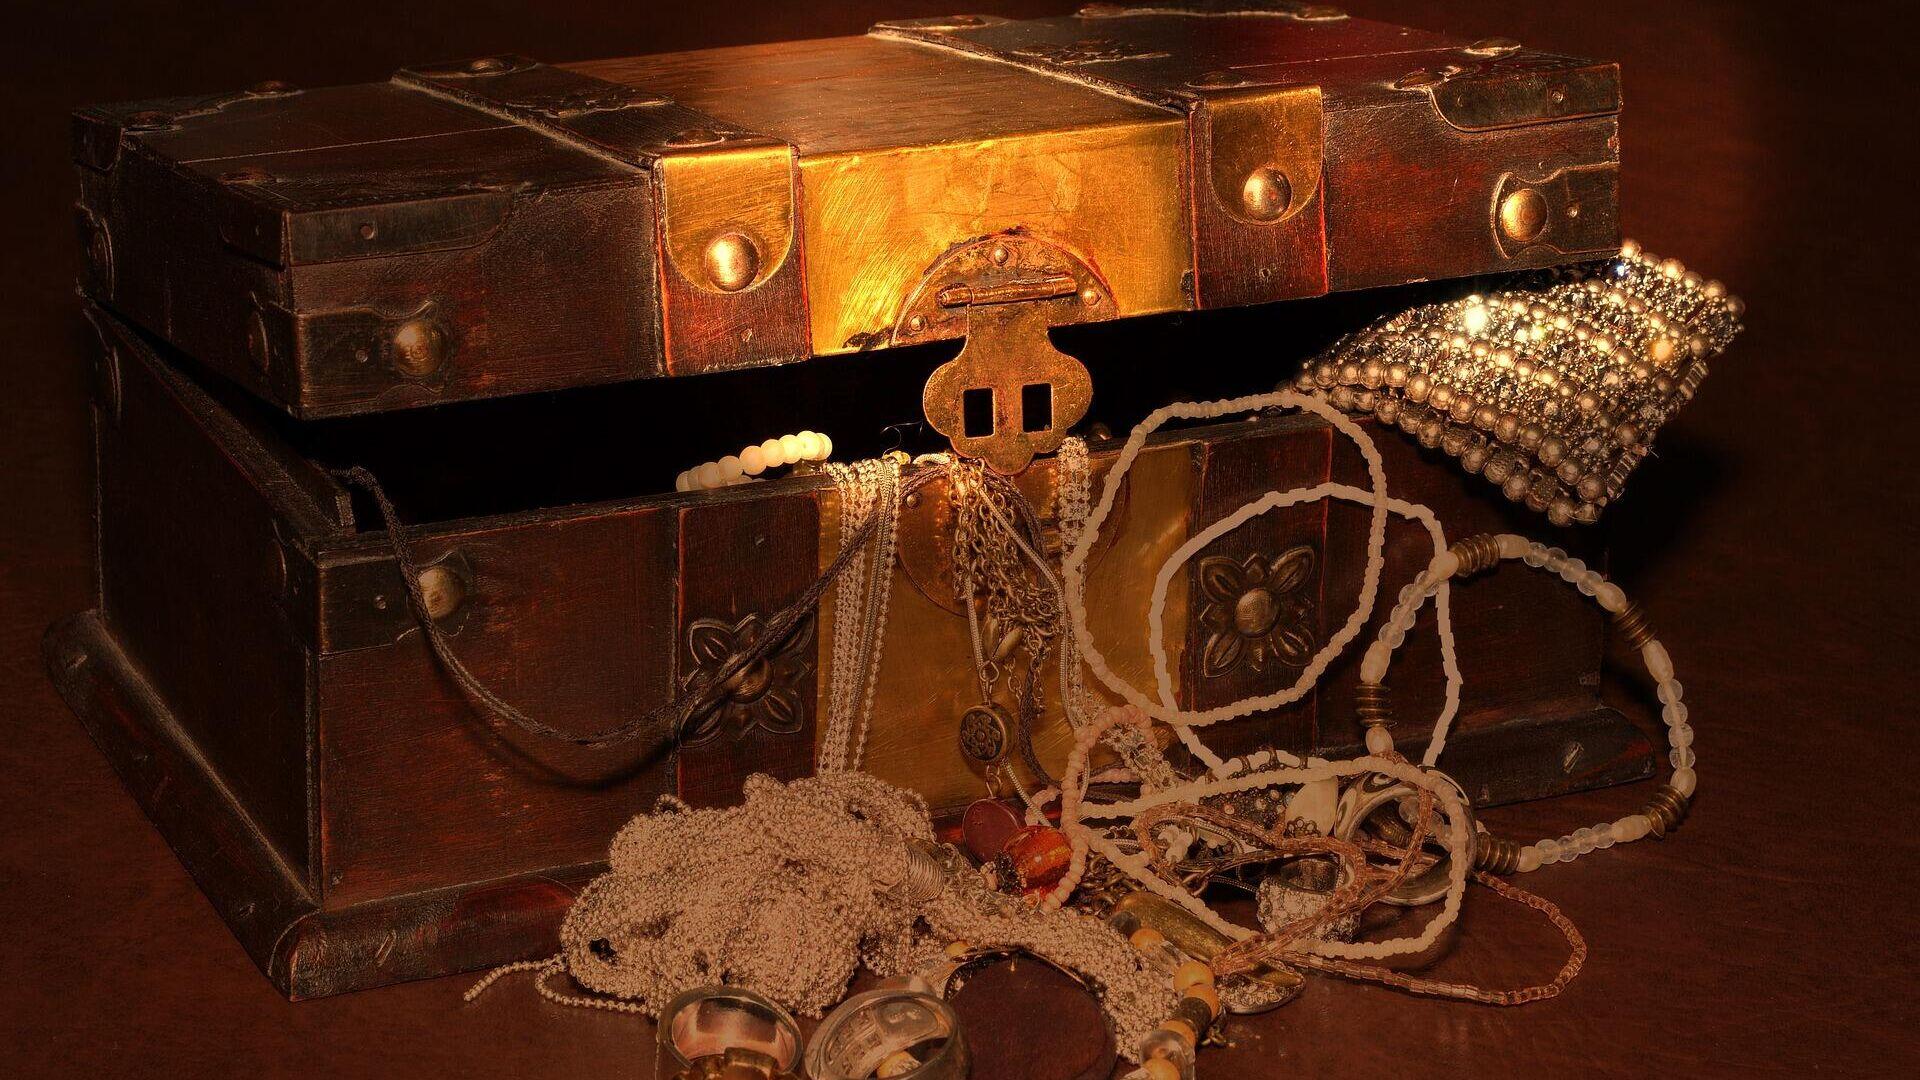 Сундук с сокровищами, иллюстративное фото - Sputnik Узбекистан, 1920, 27.09.2021